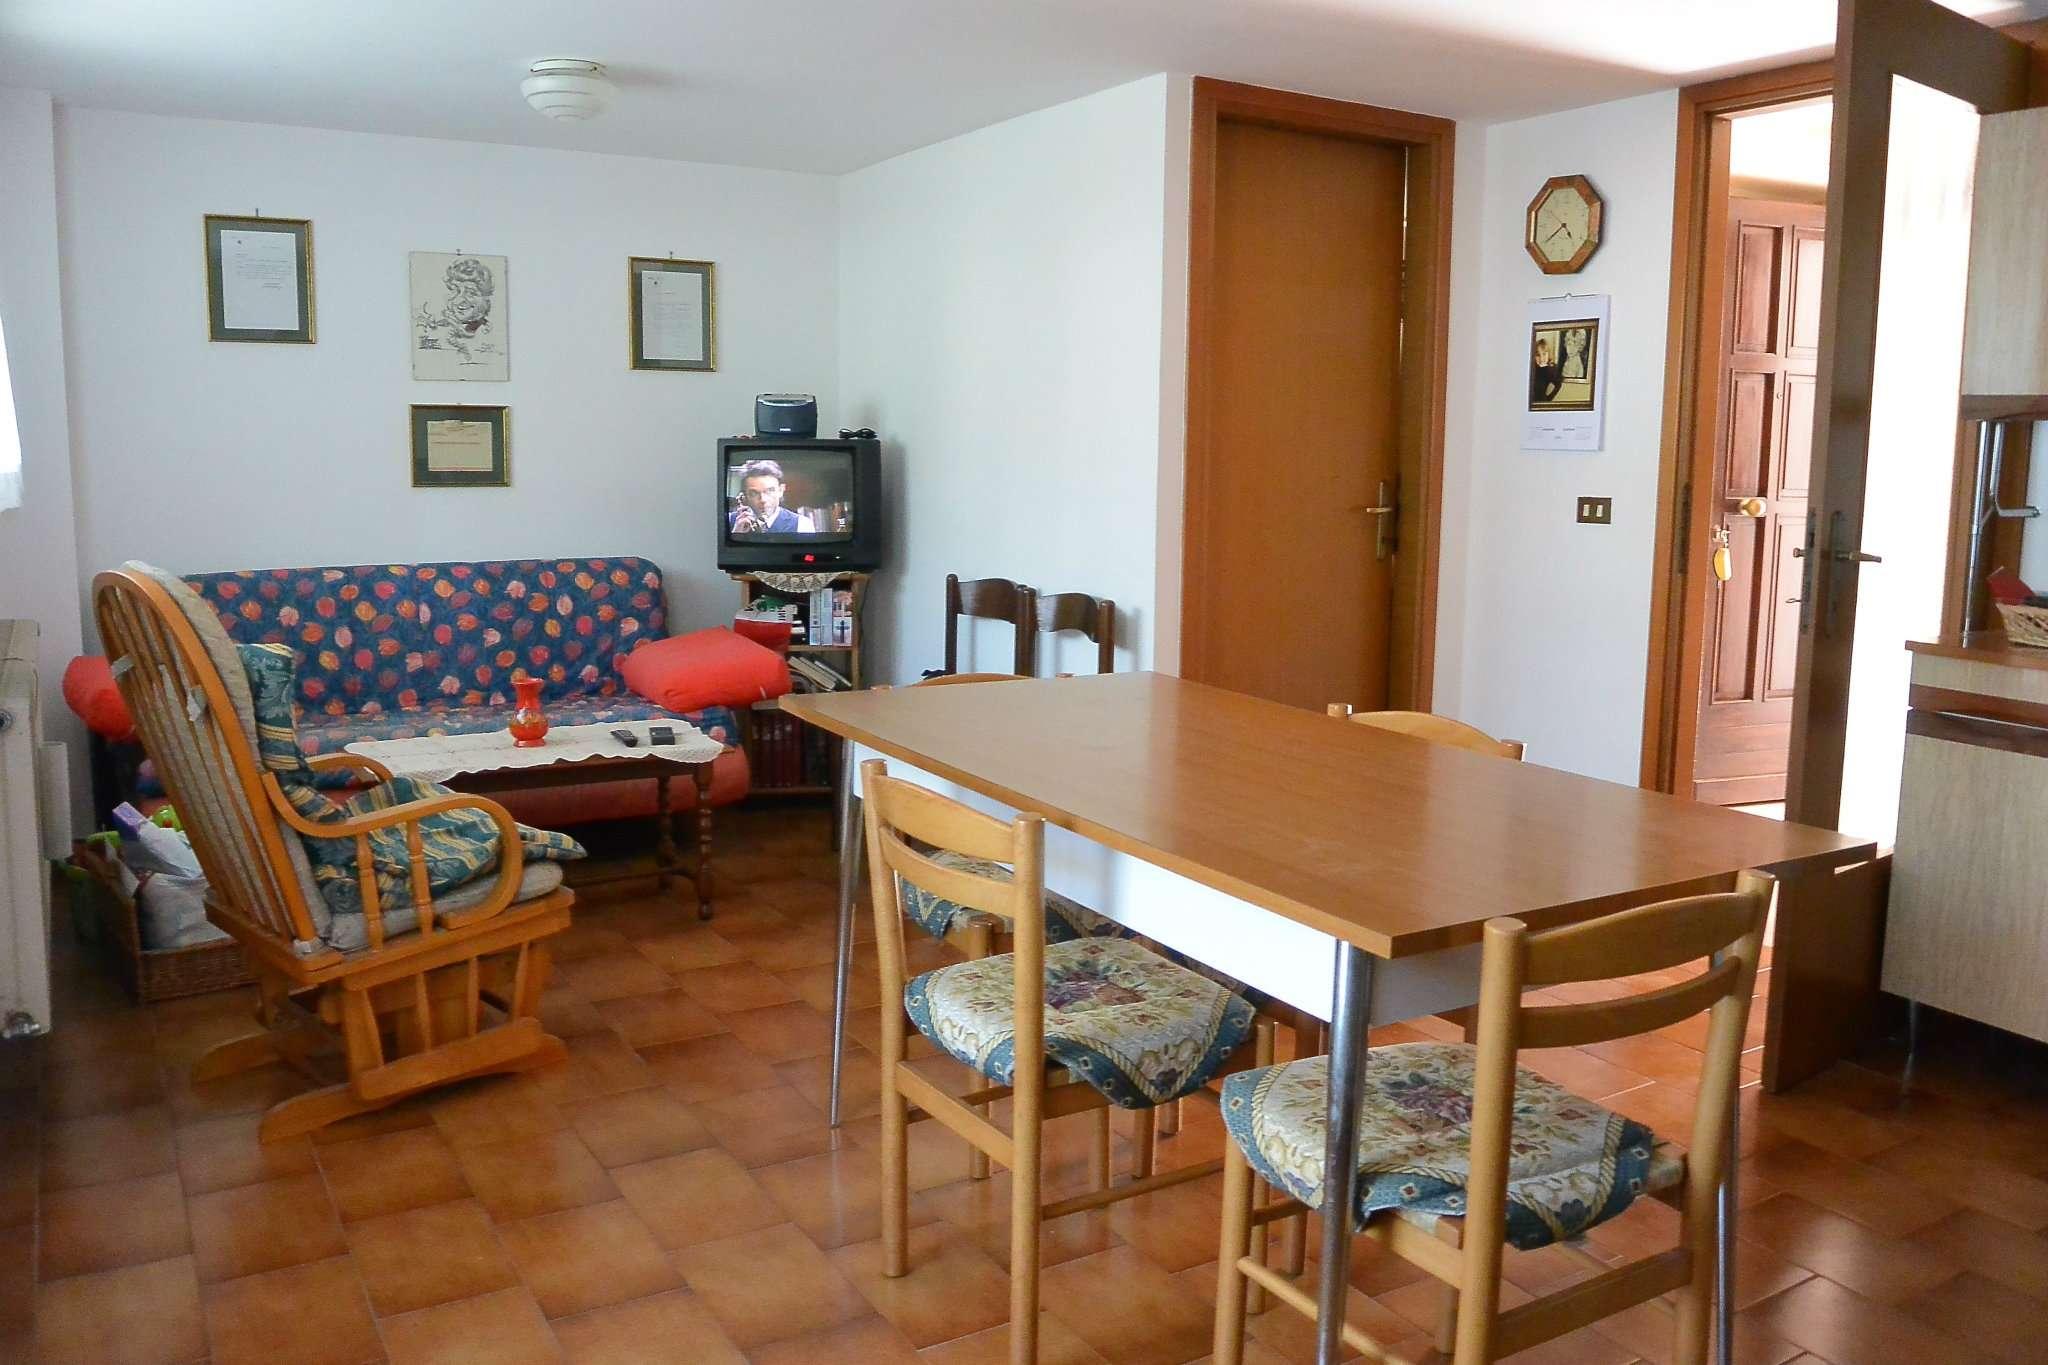 Soluzione Indipendente in vendita a Cividale del Friuli, 10 locali, prezzo € 209.000 | CambioCasa.it